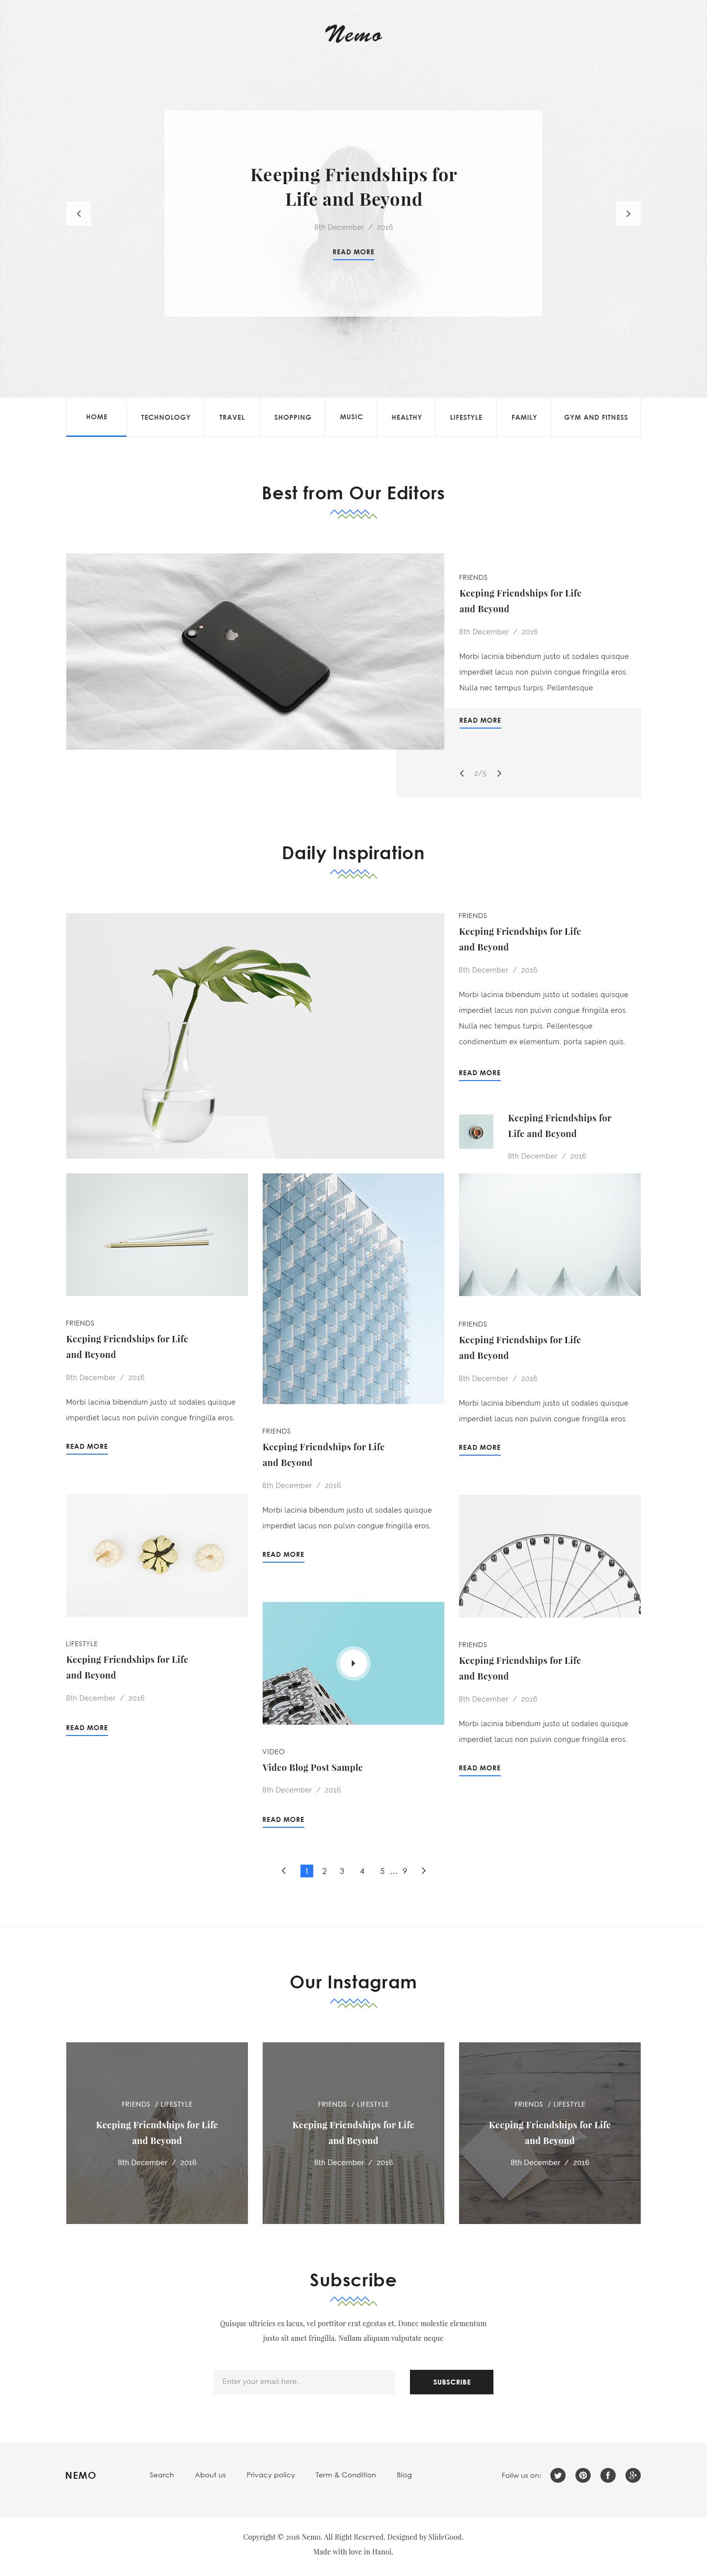 Nemo Blog Psd Template Psd Templates Web App Design Web Design Inspiration